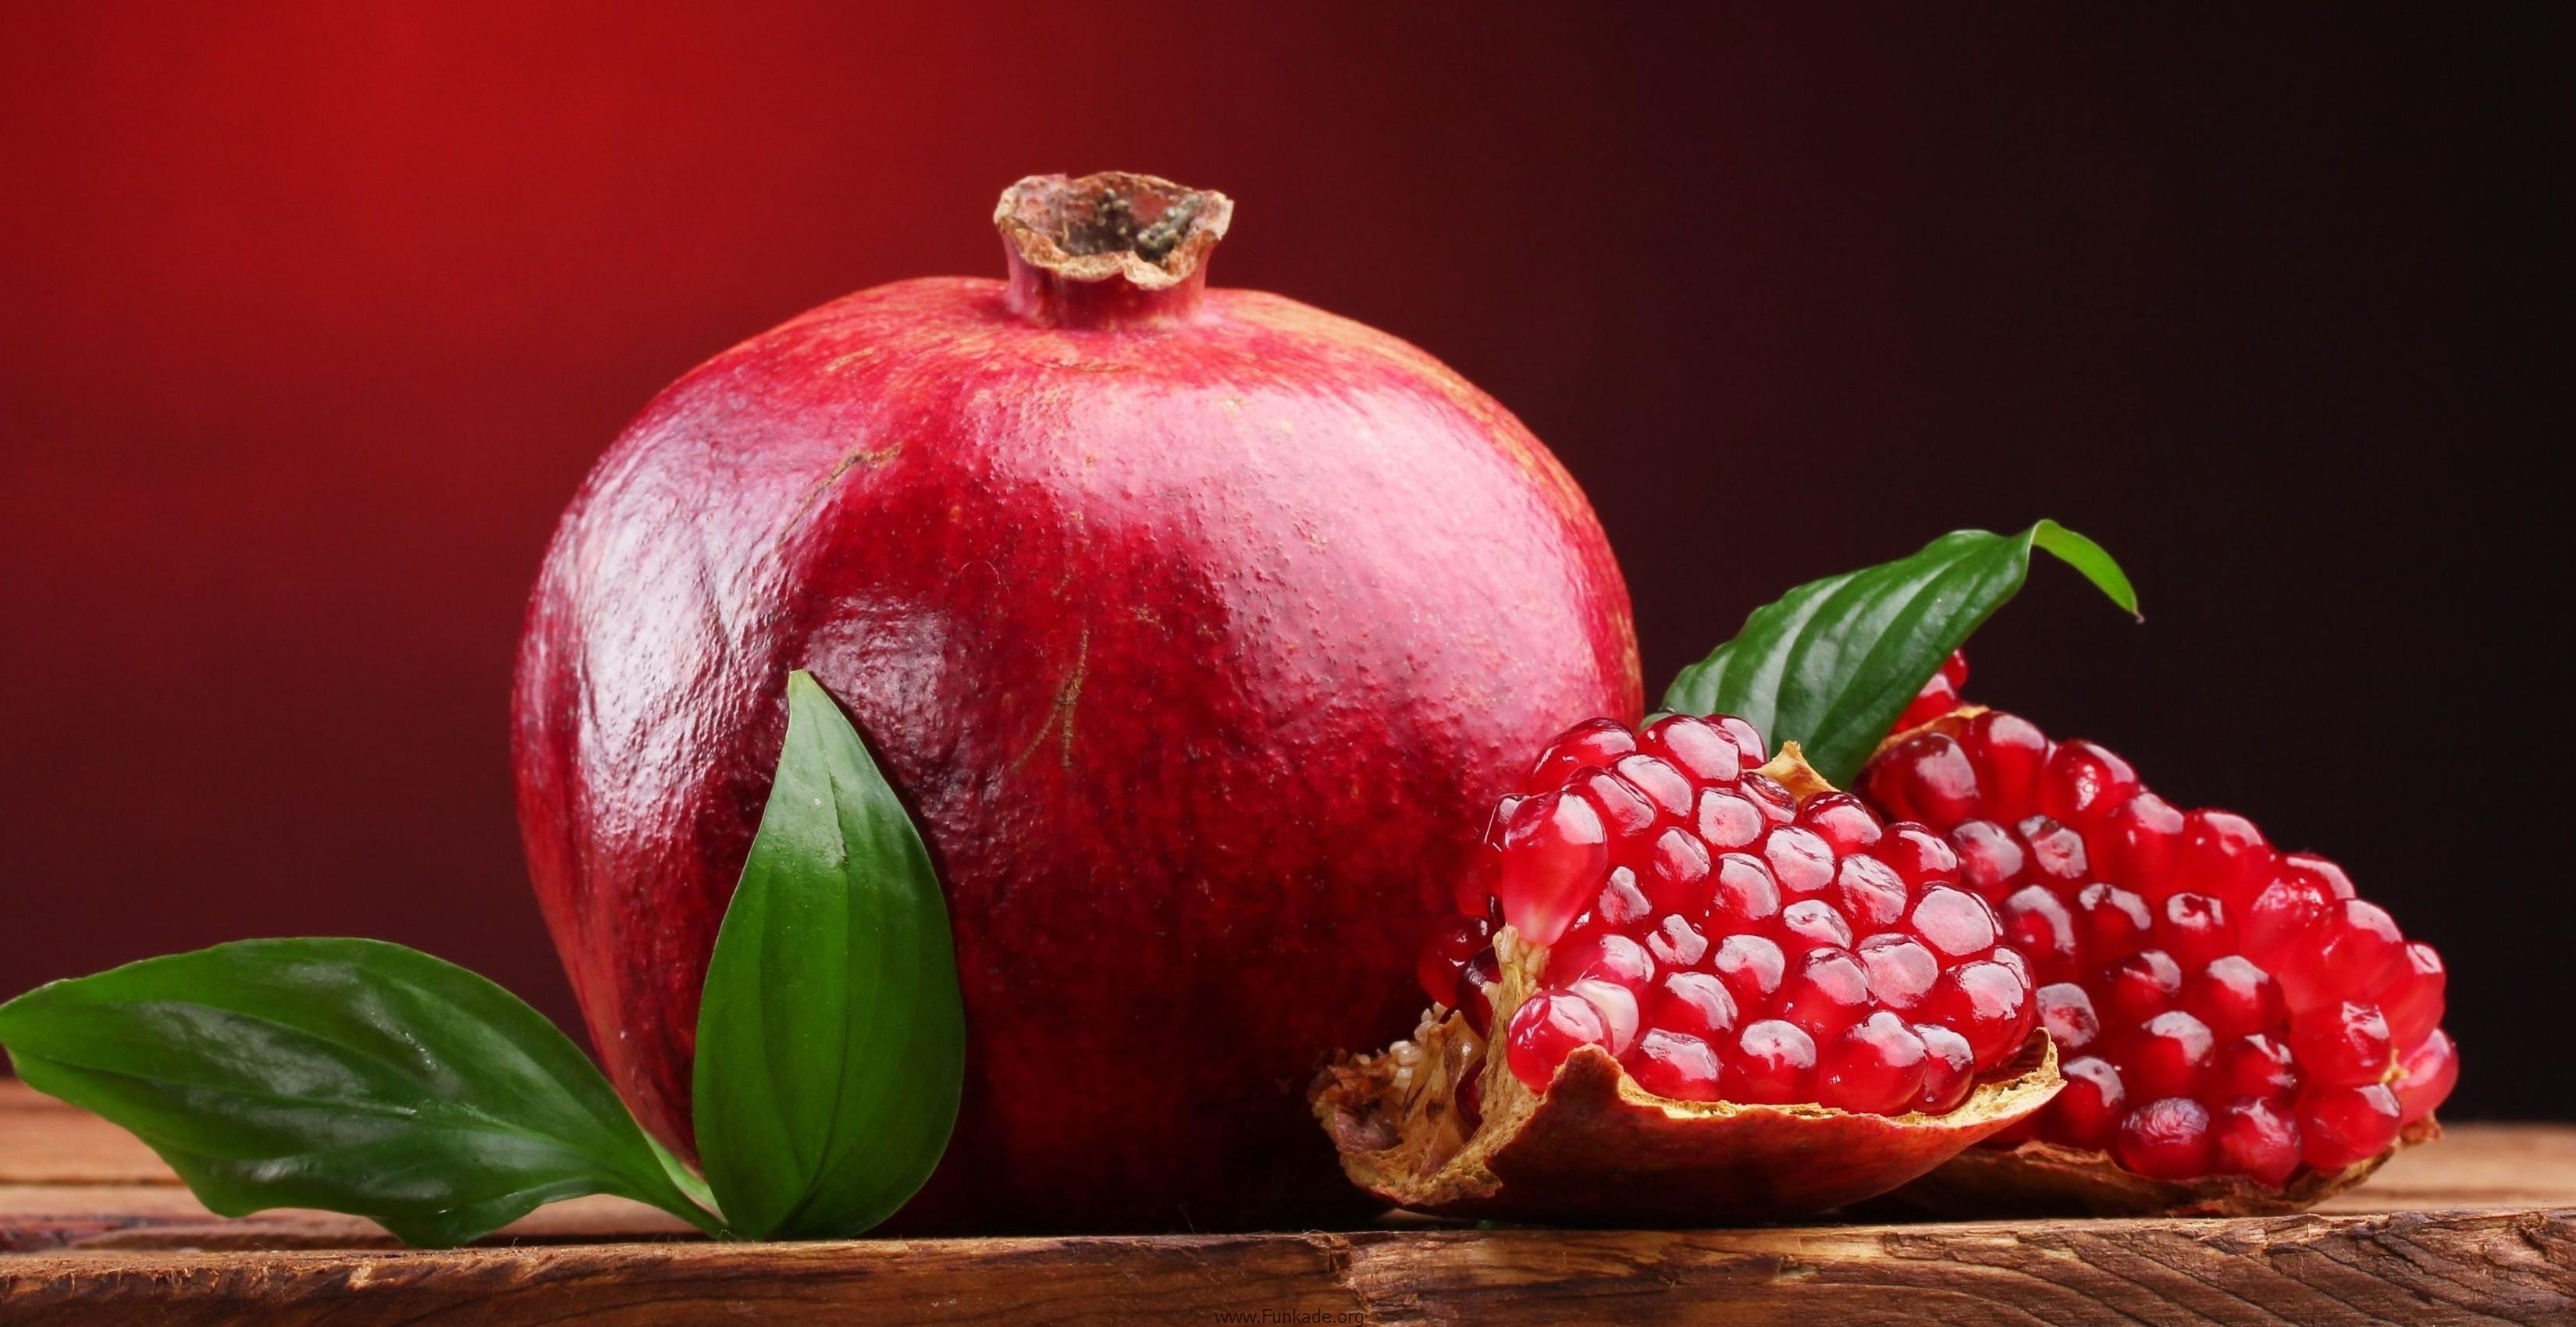 دیابت را با این روش طبیعی درمان کنید